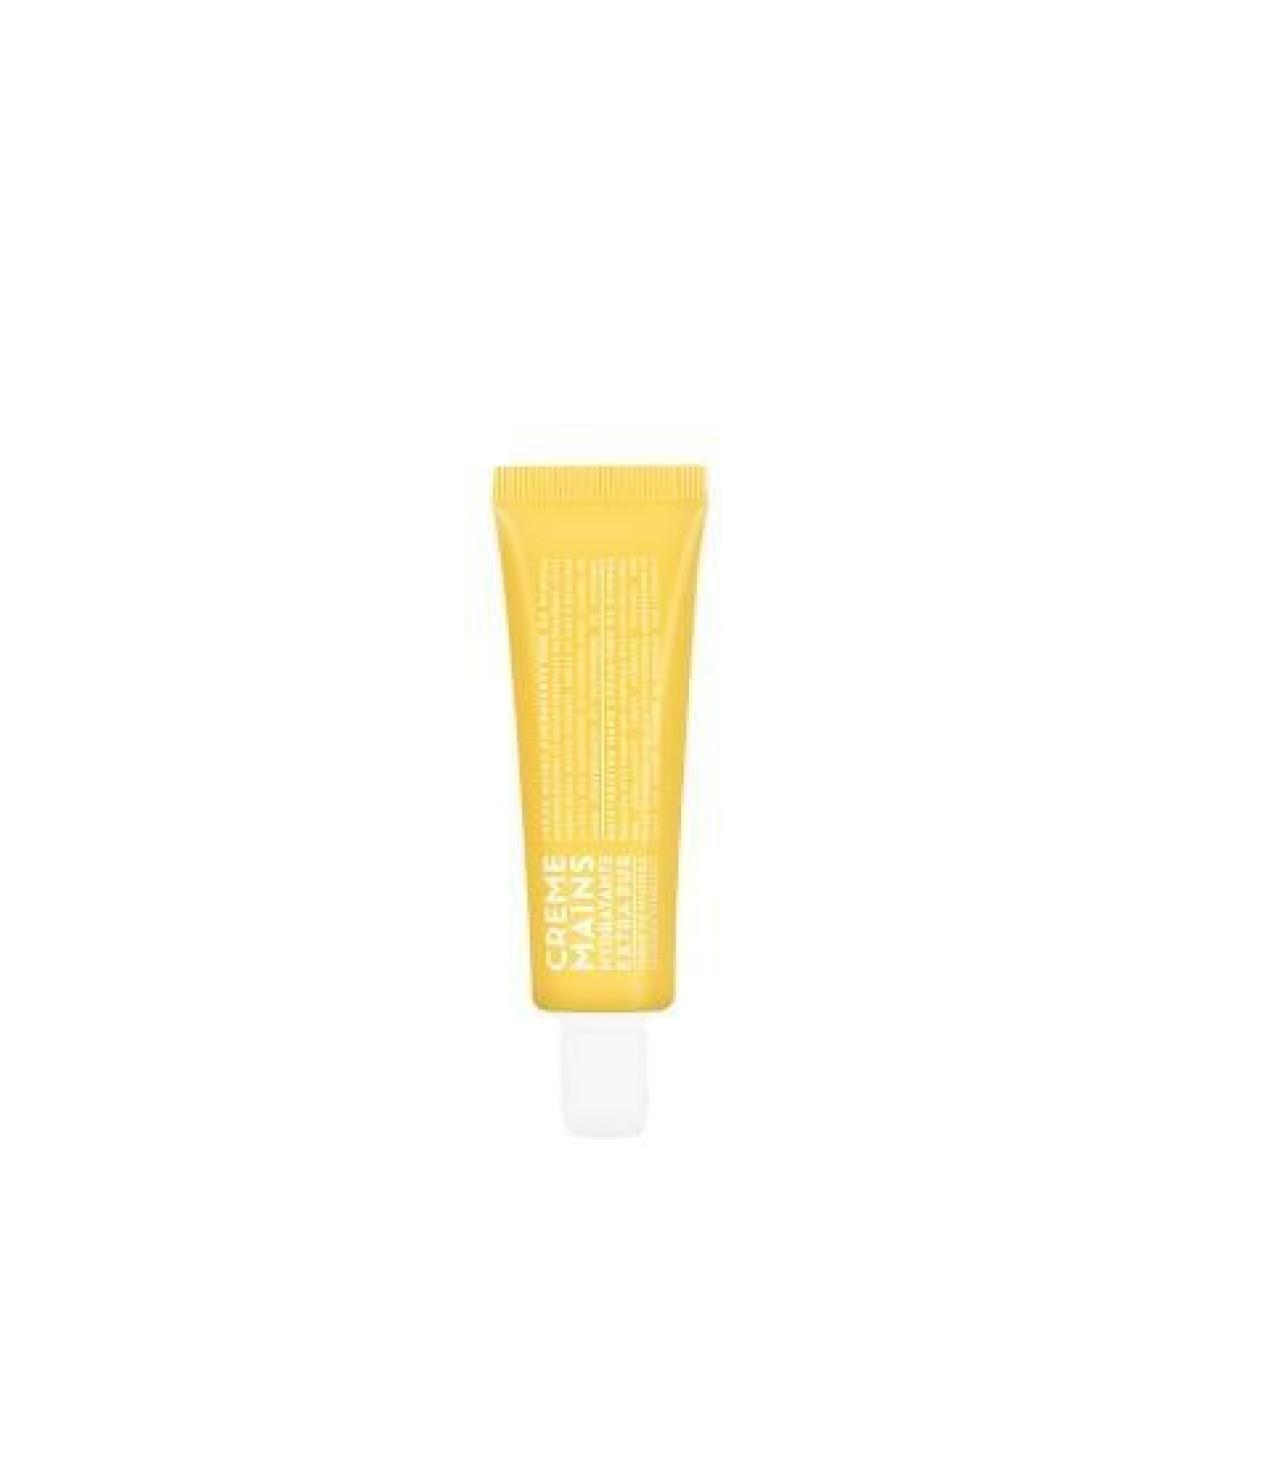 Crema Mani alla Mimosa 30ml Compagnie de Provence Italia CPPF0101CM030MI-01